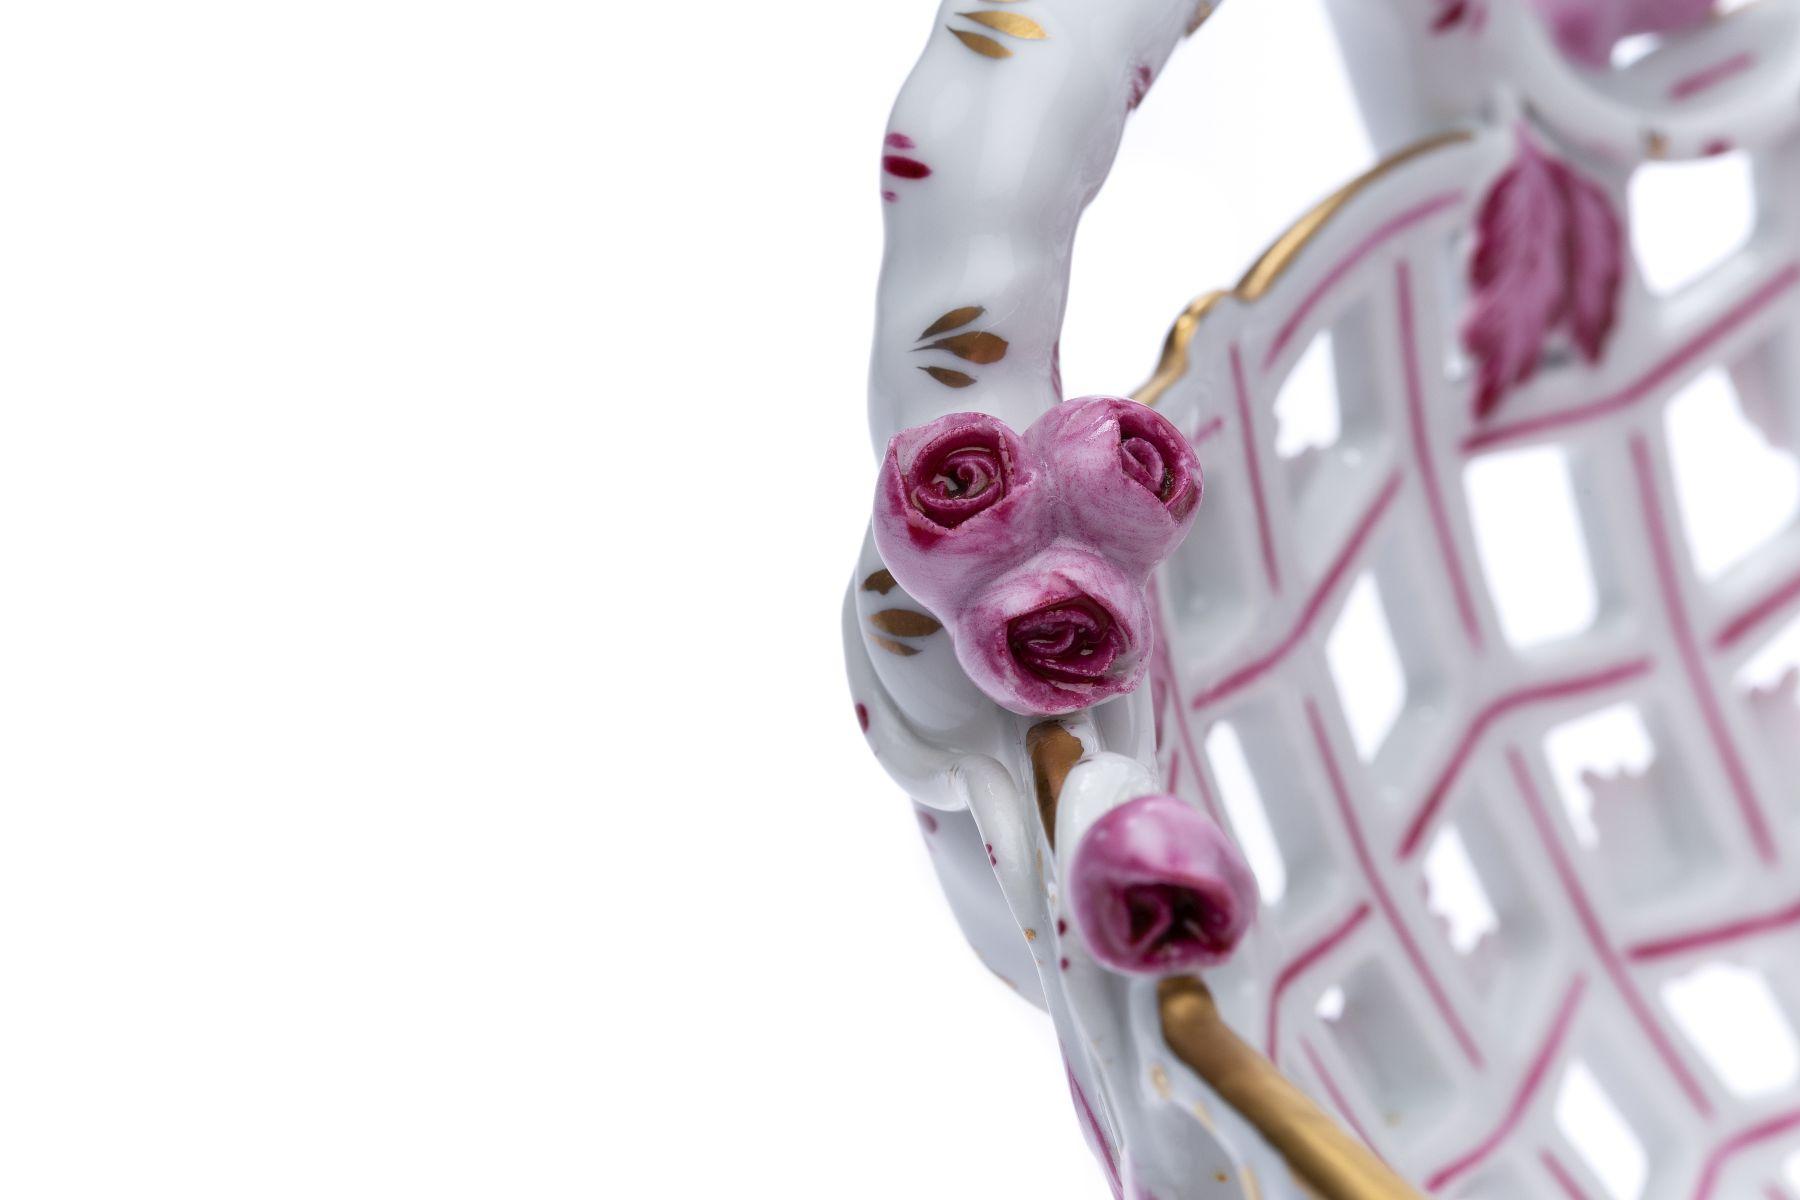 Blumentopf, Blumenvase, Kerzenständer und Früchtekorb - Bild 4 aus 11